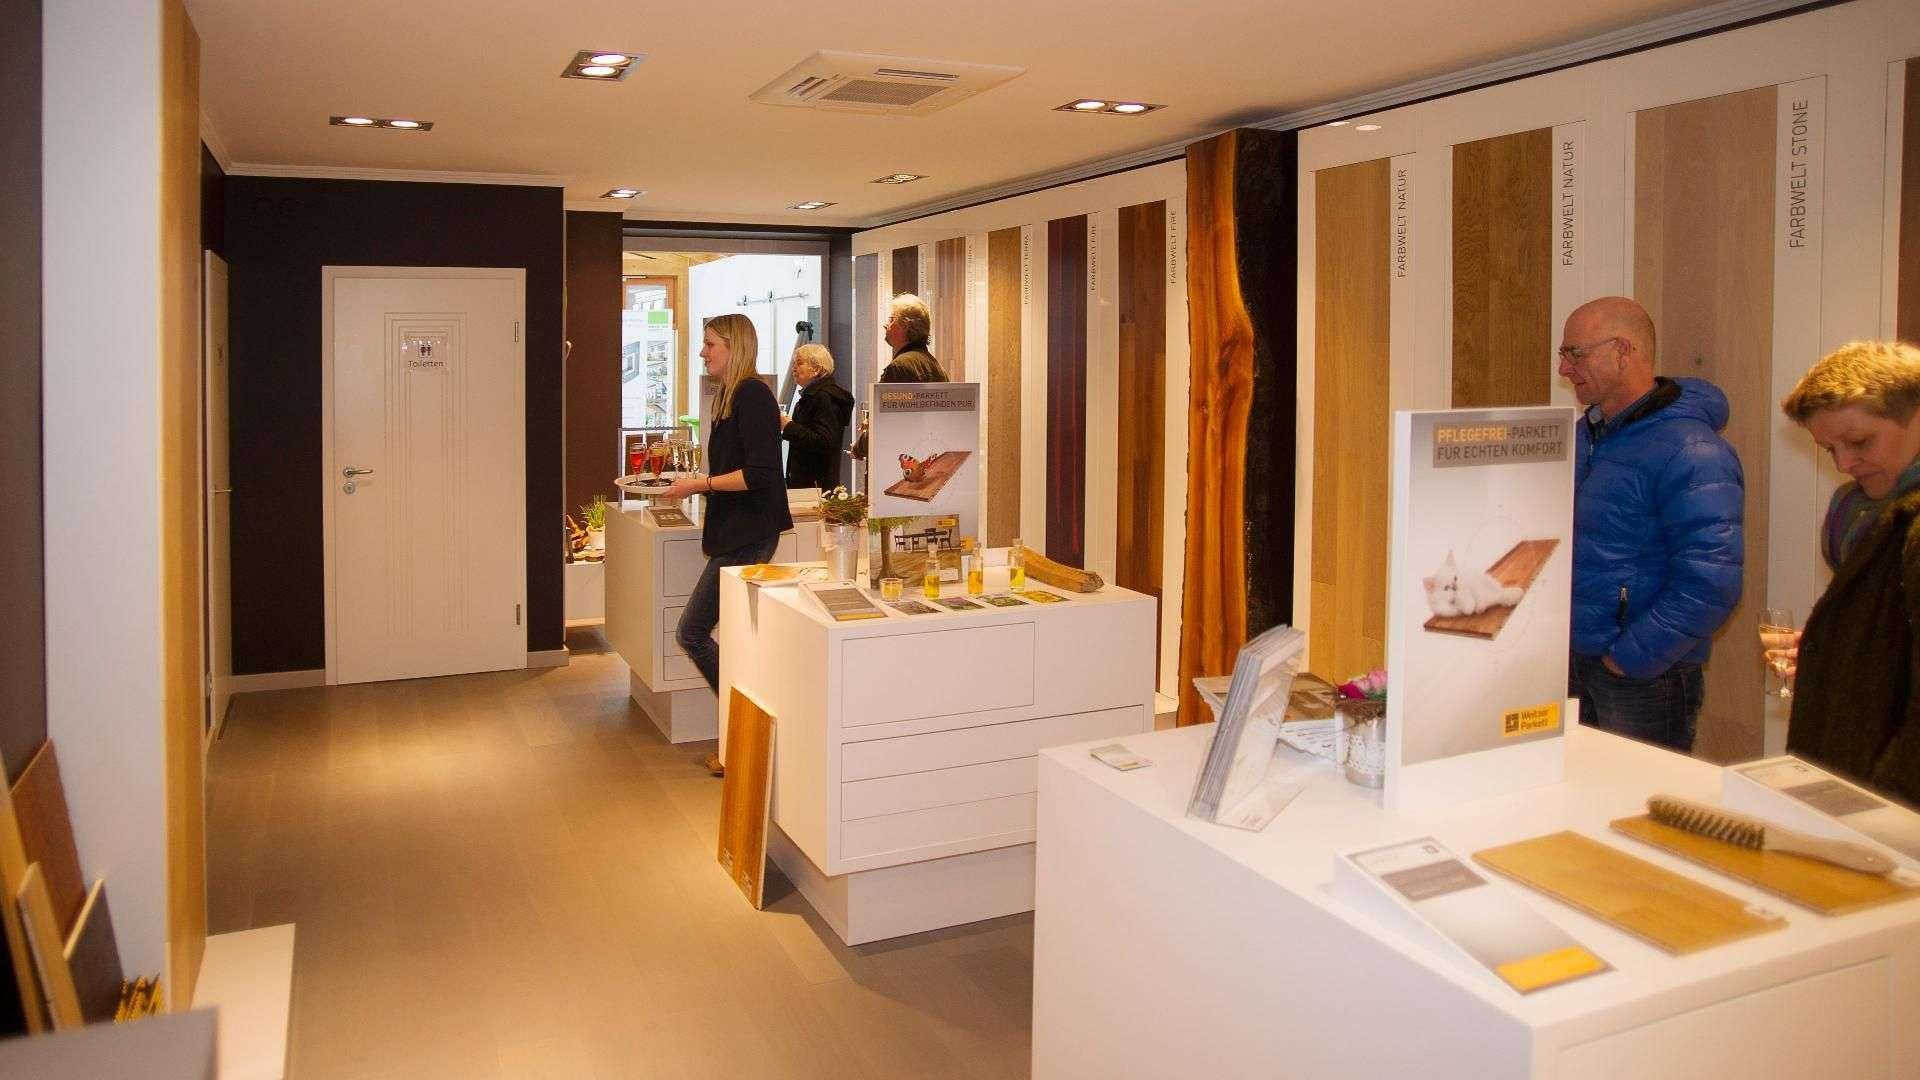 """Die Parkettwelten von """"Weitzer Parkett"""" sind im Showroom der Tischlerei Otto Gleue perfekt in Szene gesetzt. Einer der Ersten von insgesamt 63 Showroom in Deutschland."""